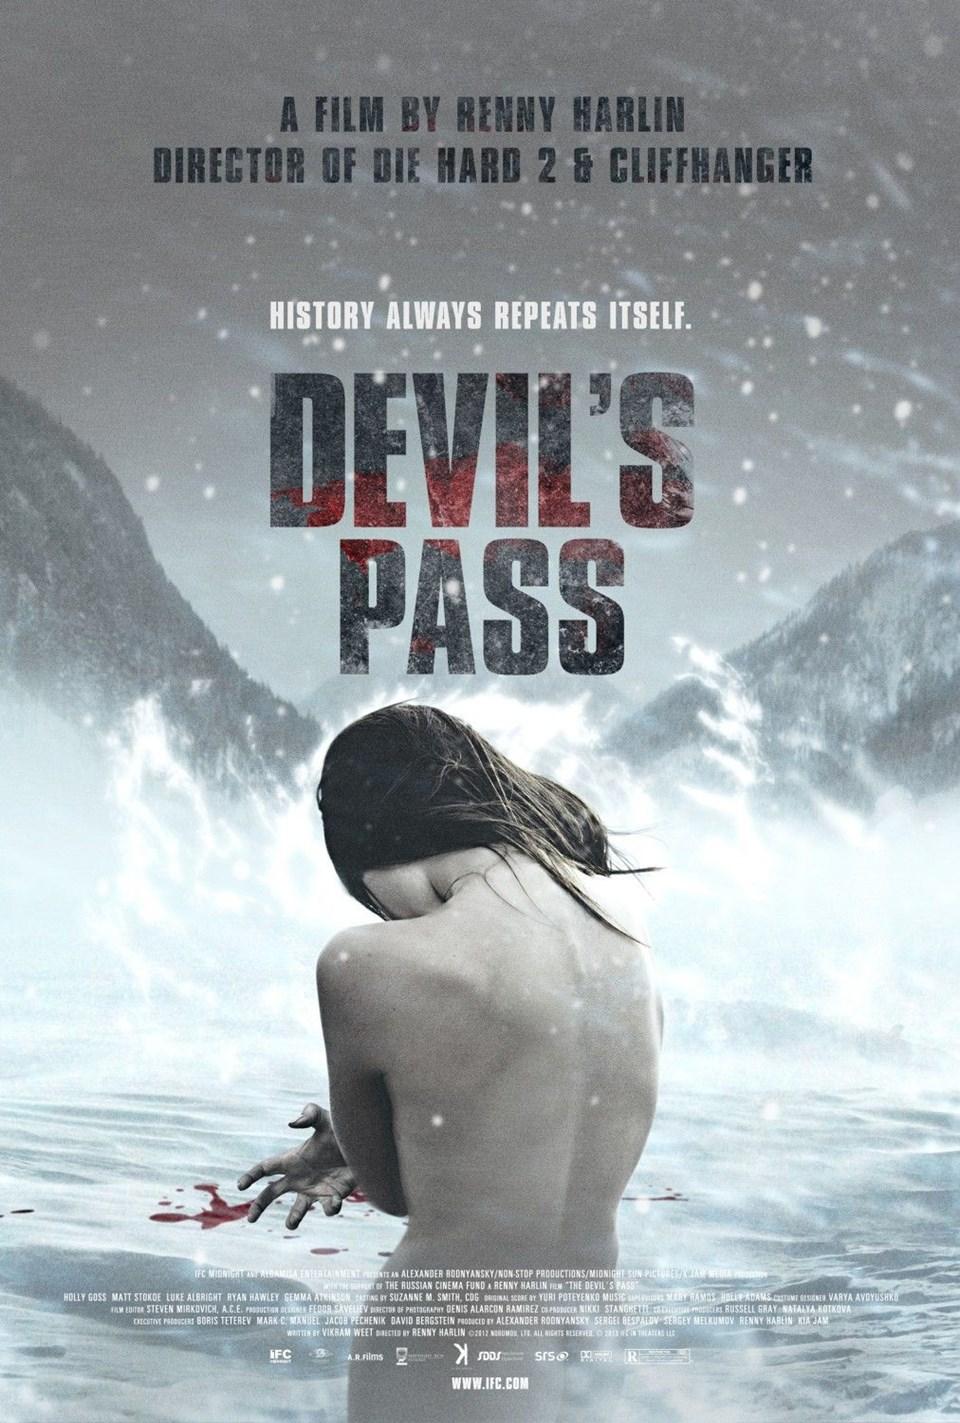 en iyi dağcılık filmleri, en güzel dağcılık filmleri, tırmanış filmleri, devil's pass